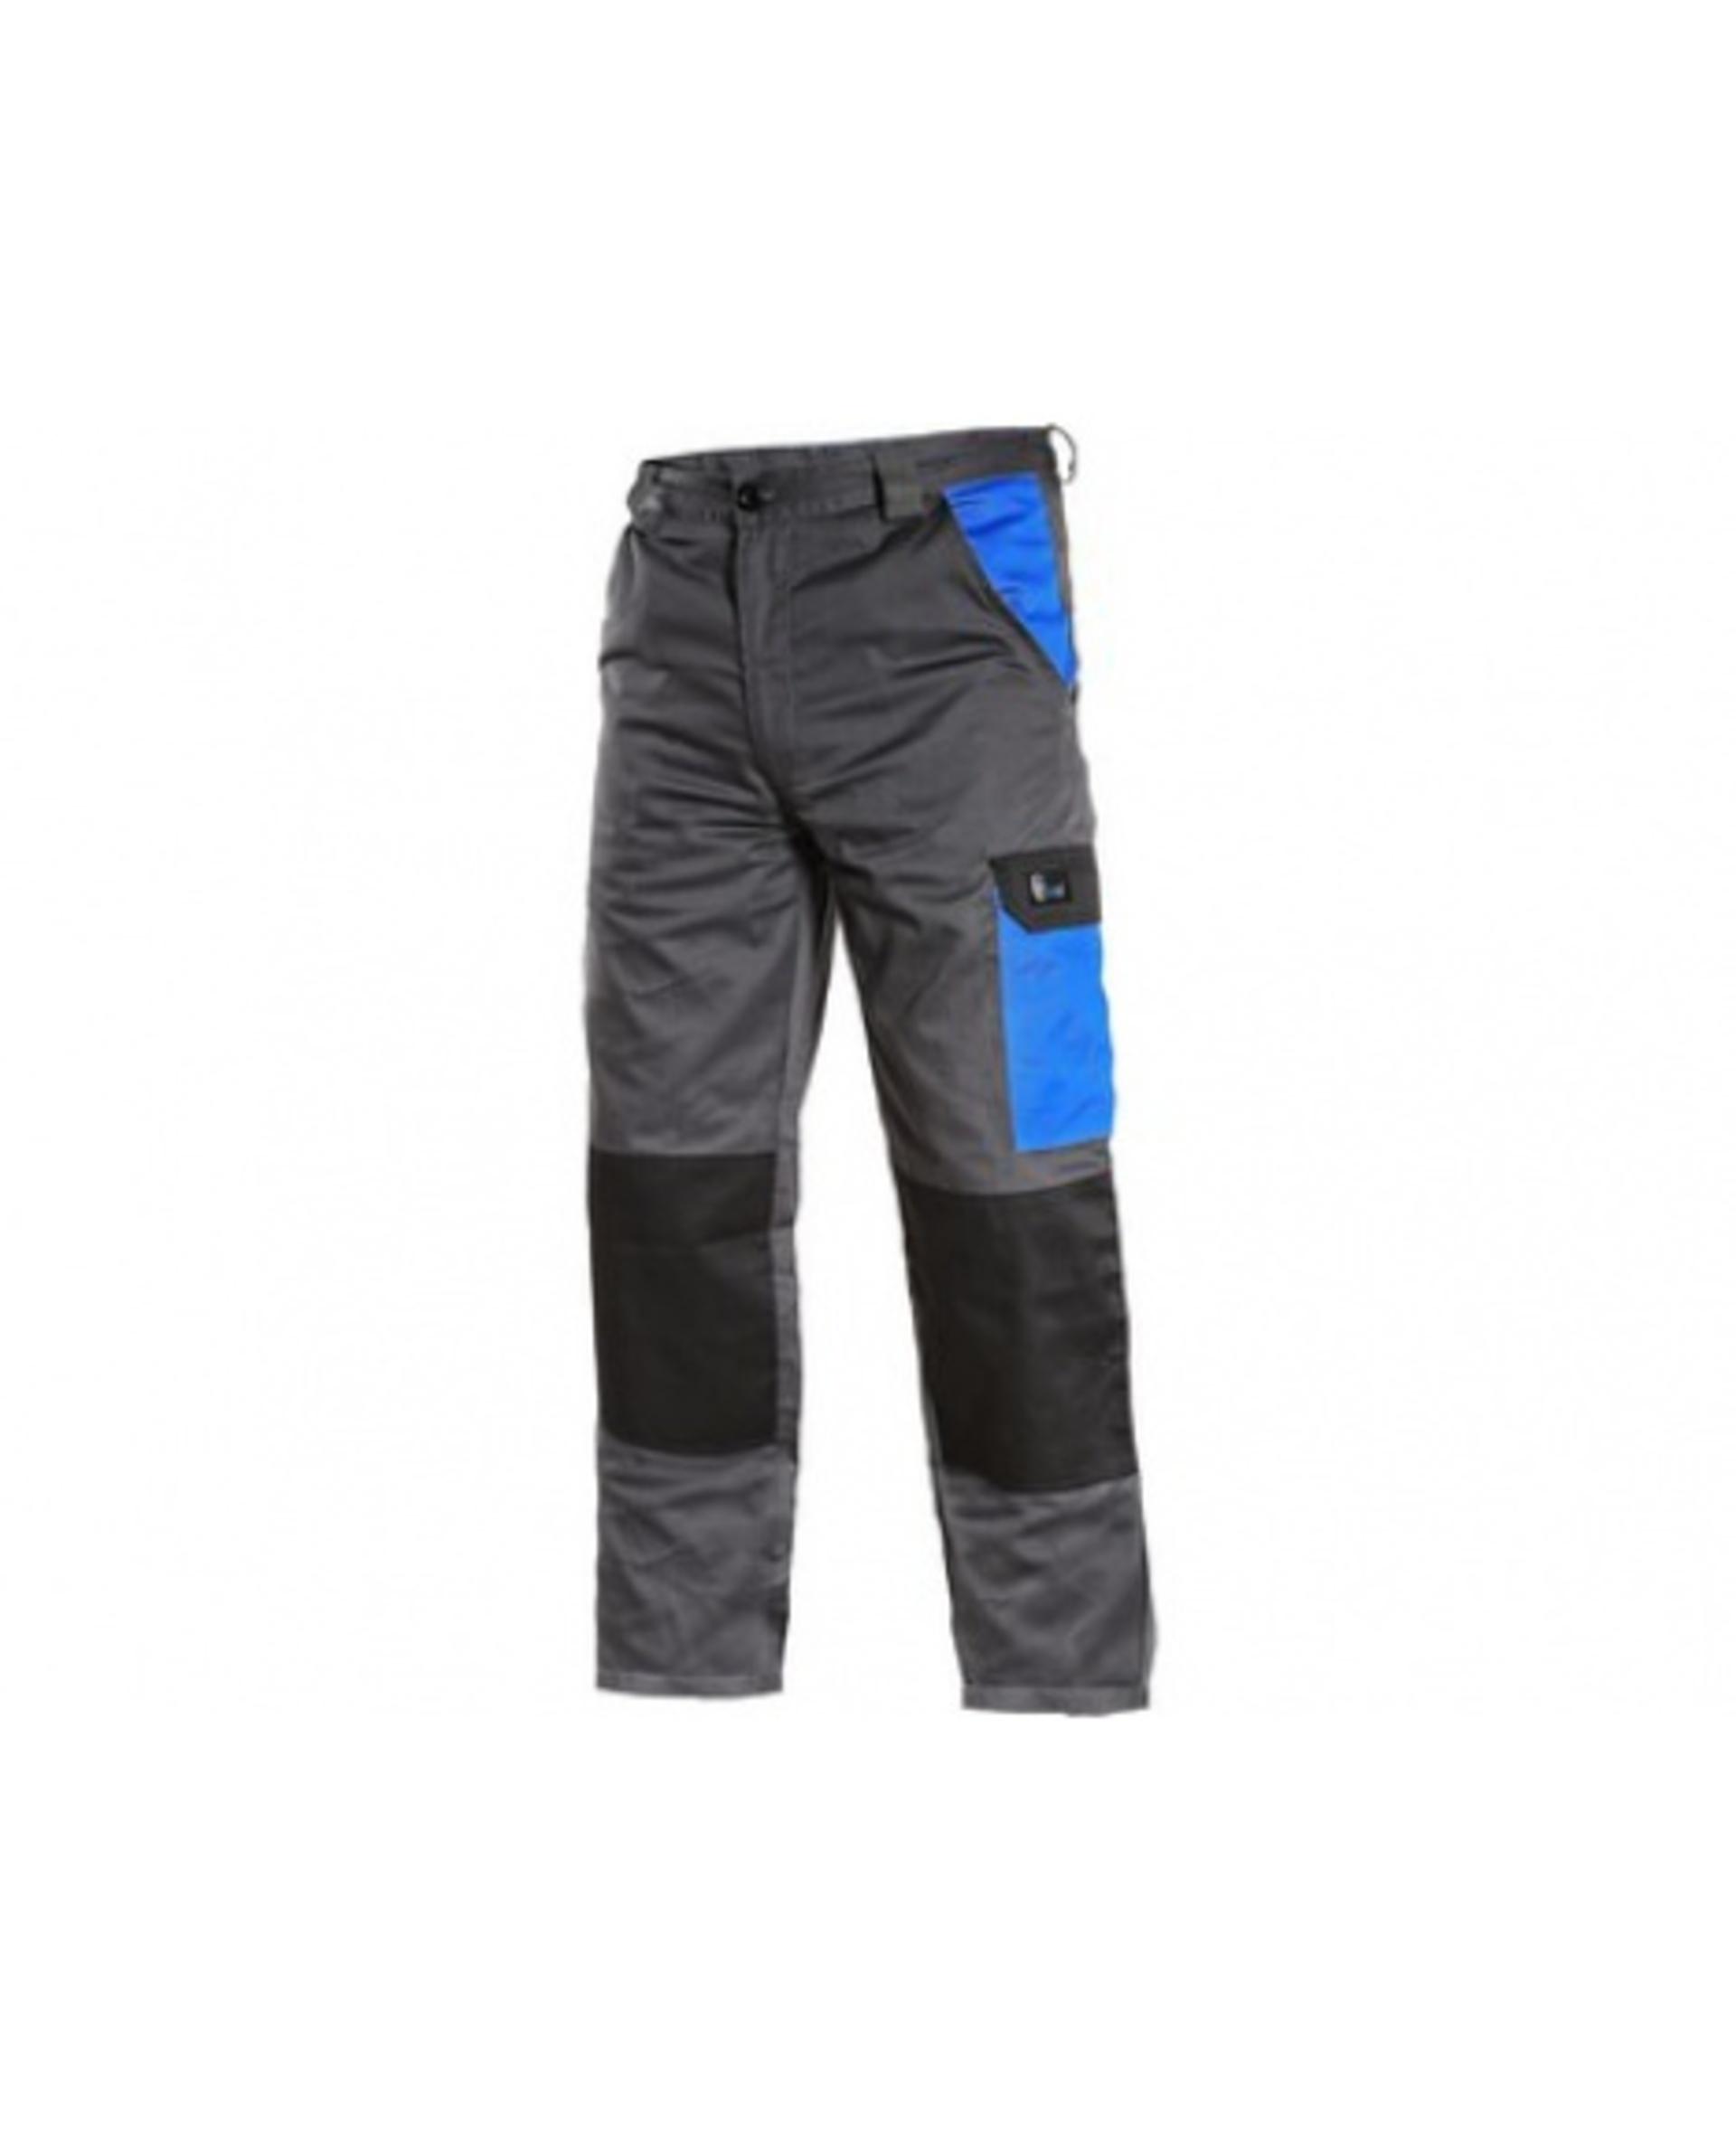 CXS PHOENIX CEFEUS pánské Kalhoty pracovní do pasu šedá/modrá 50